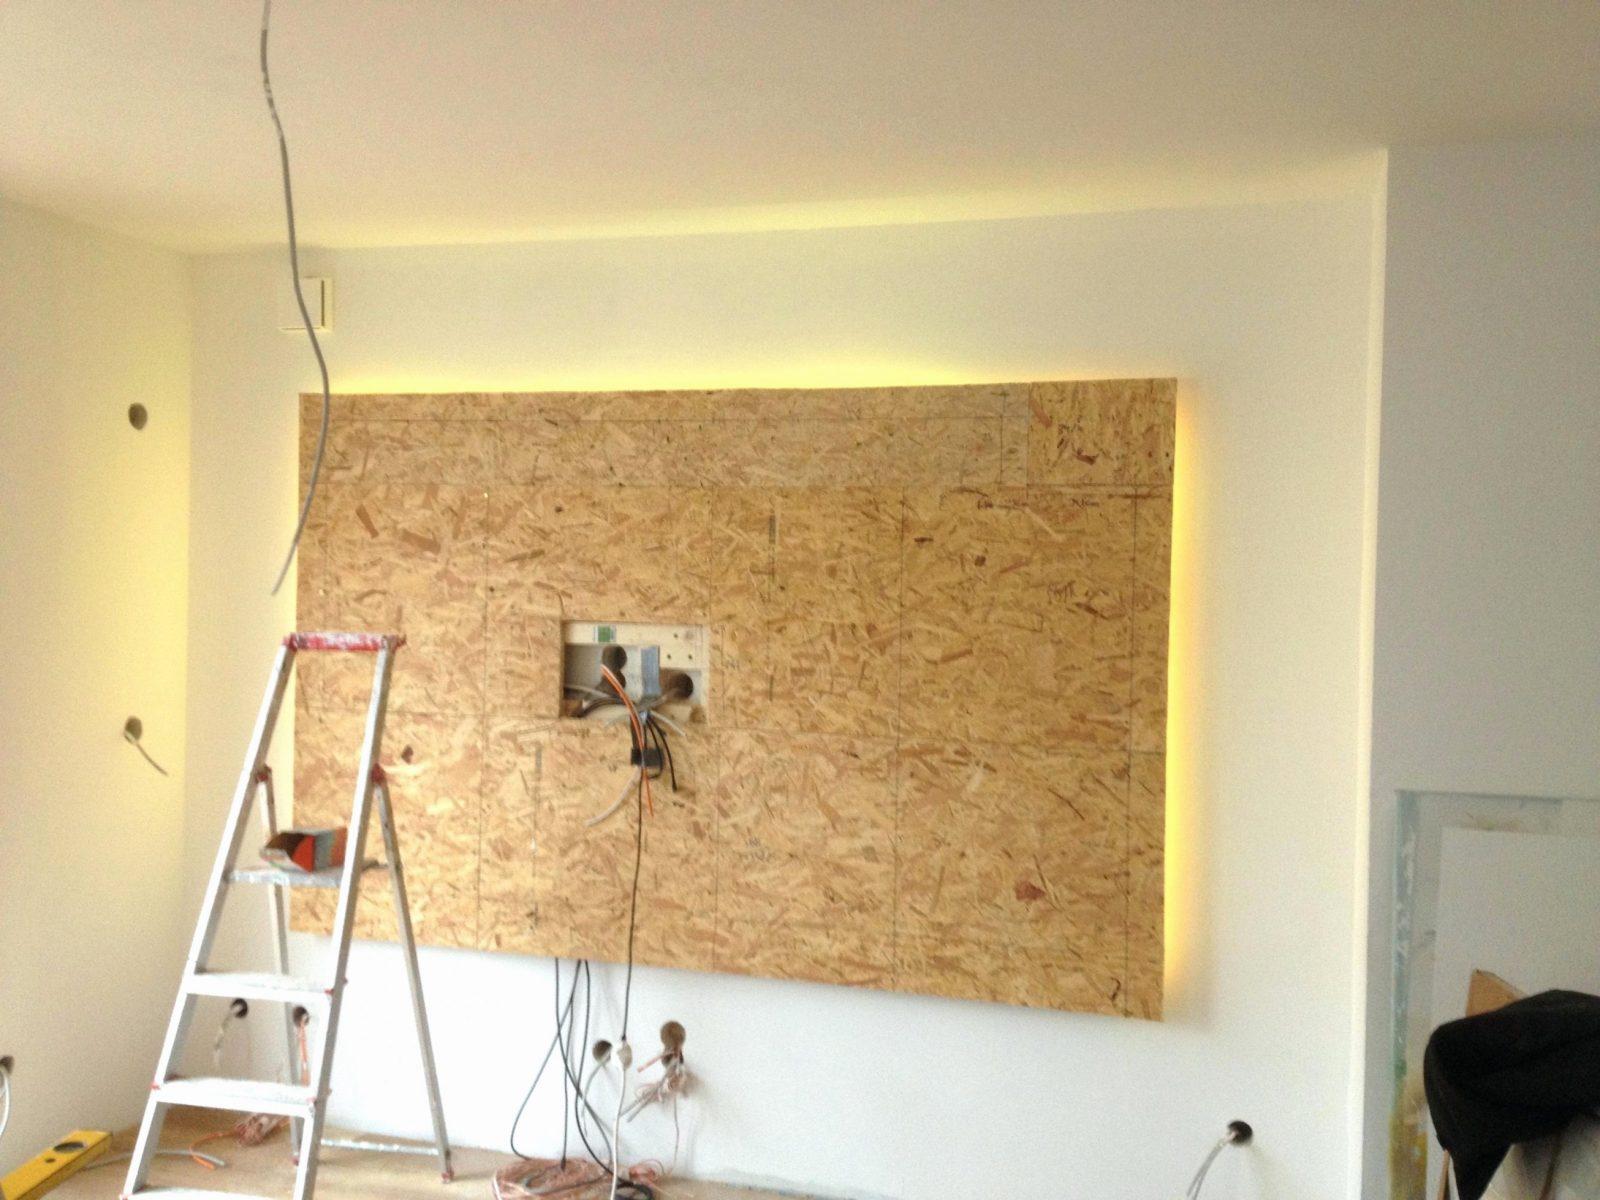 Lichtdecke Selber Bauen Schön Wohnzimmer Indirektes Licht  Hauspläne von Indirektes Licht Decke Selber Bauen Photo